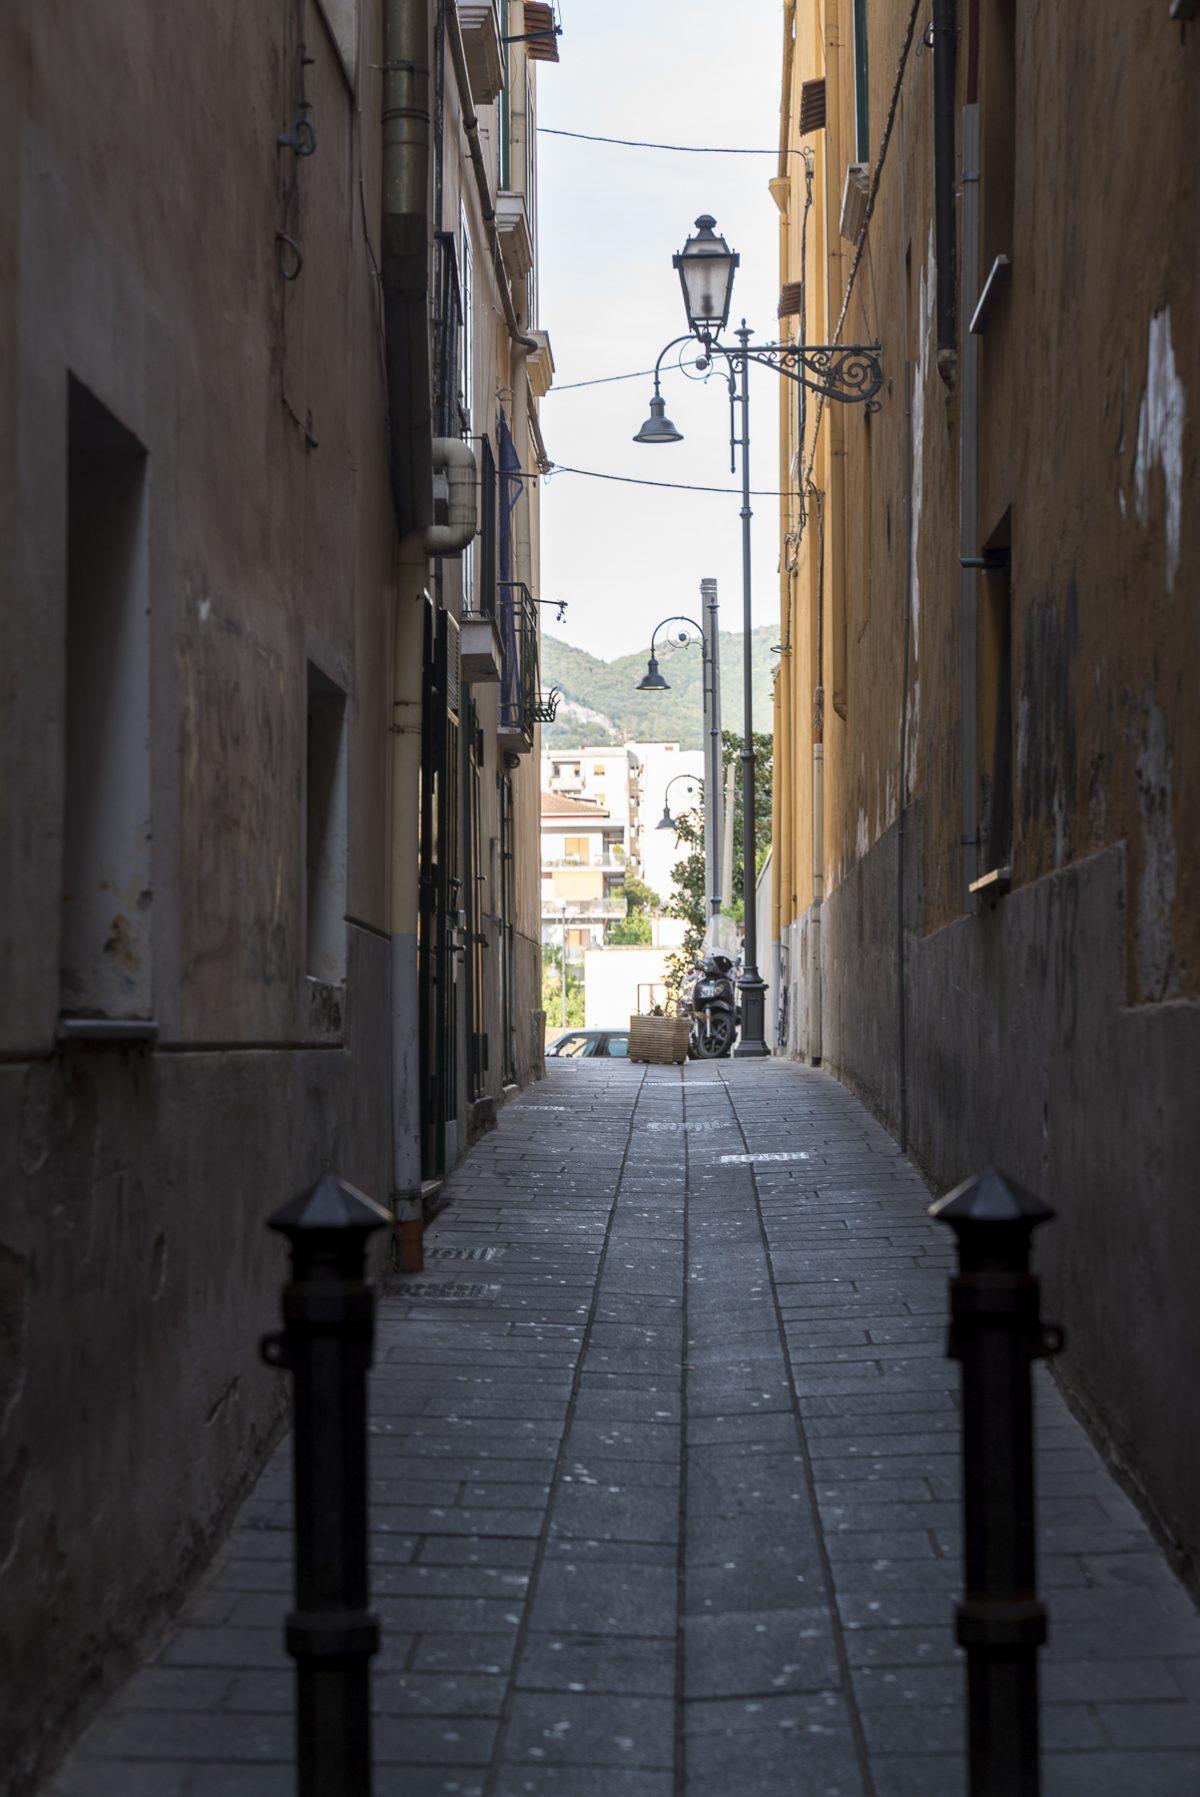 mmunterwegs-italia-17_DSC1992-b-kl